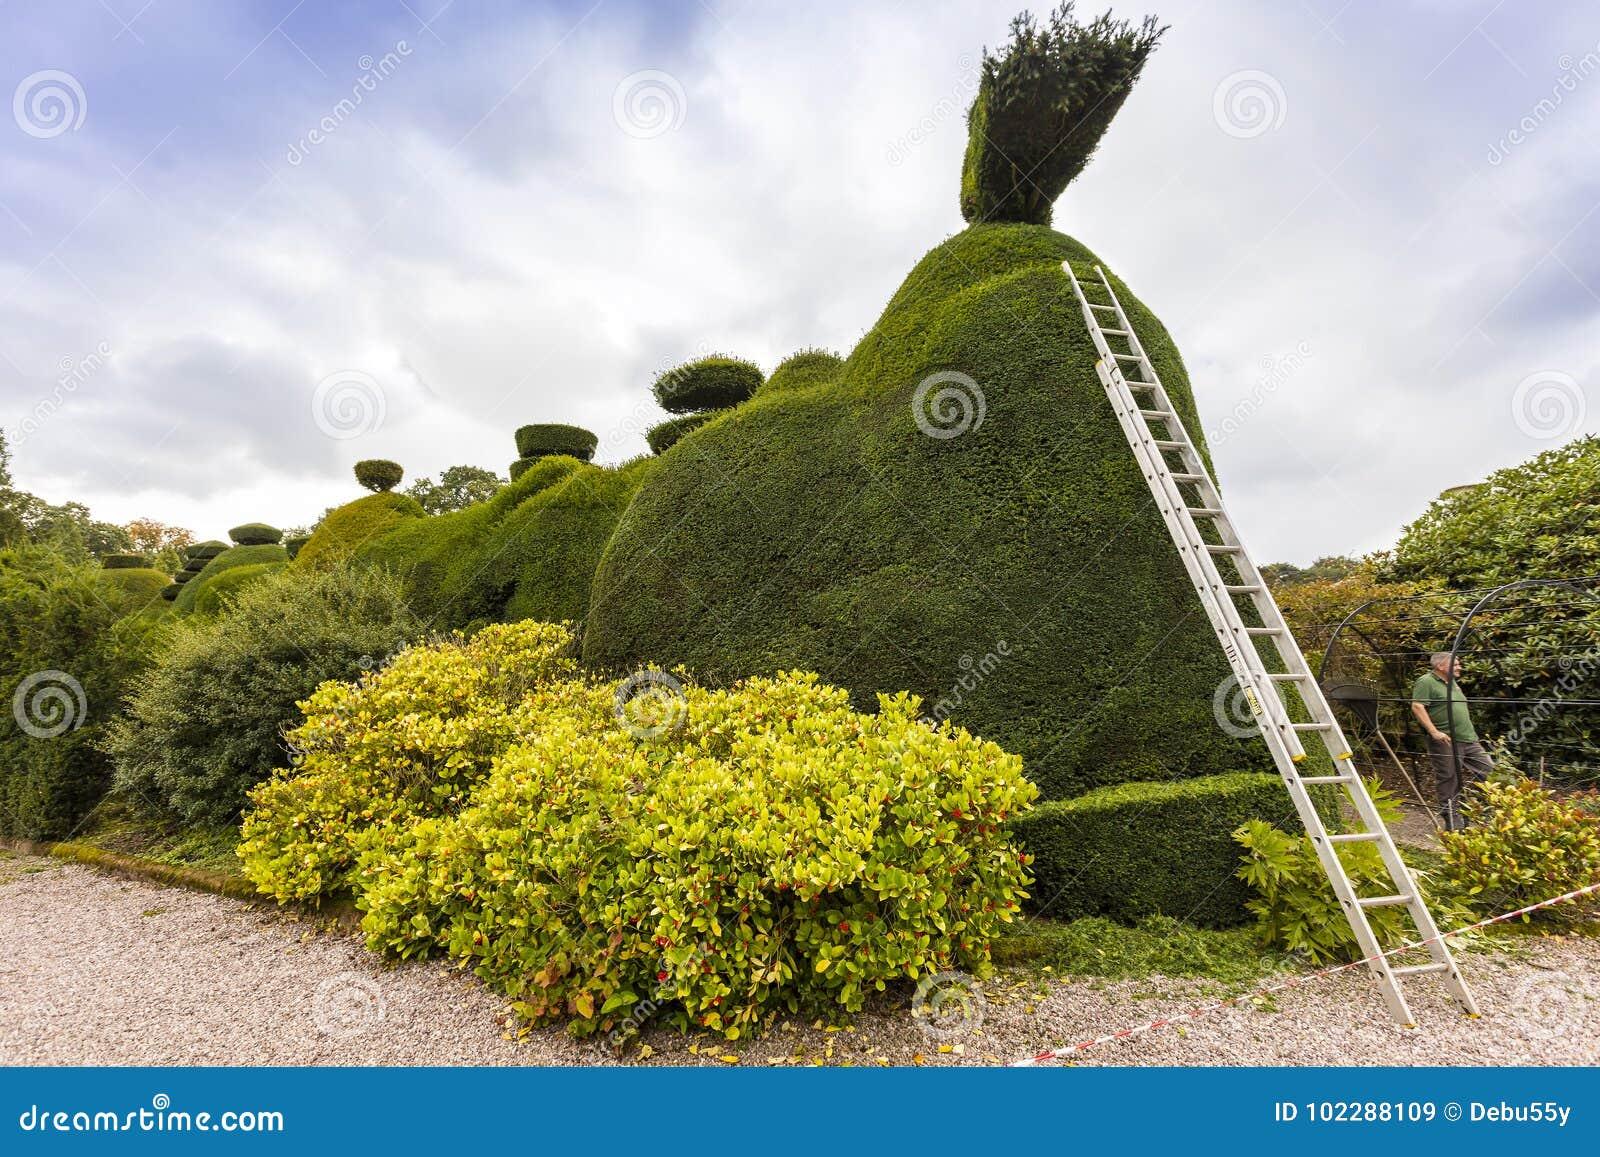 Topiary Care Stock Image Image Of Bush Park Gardening 102288109